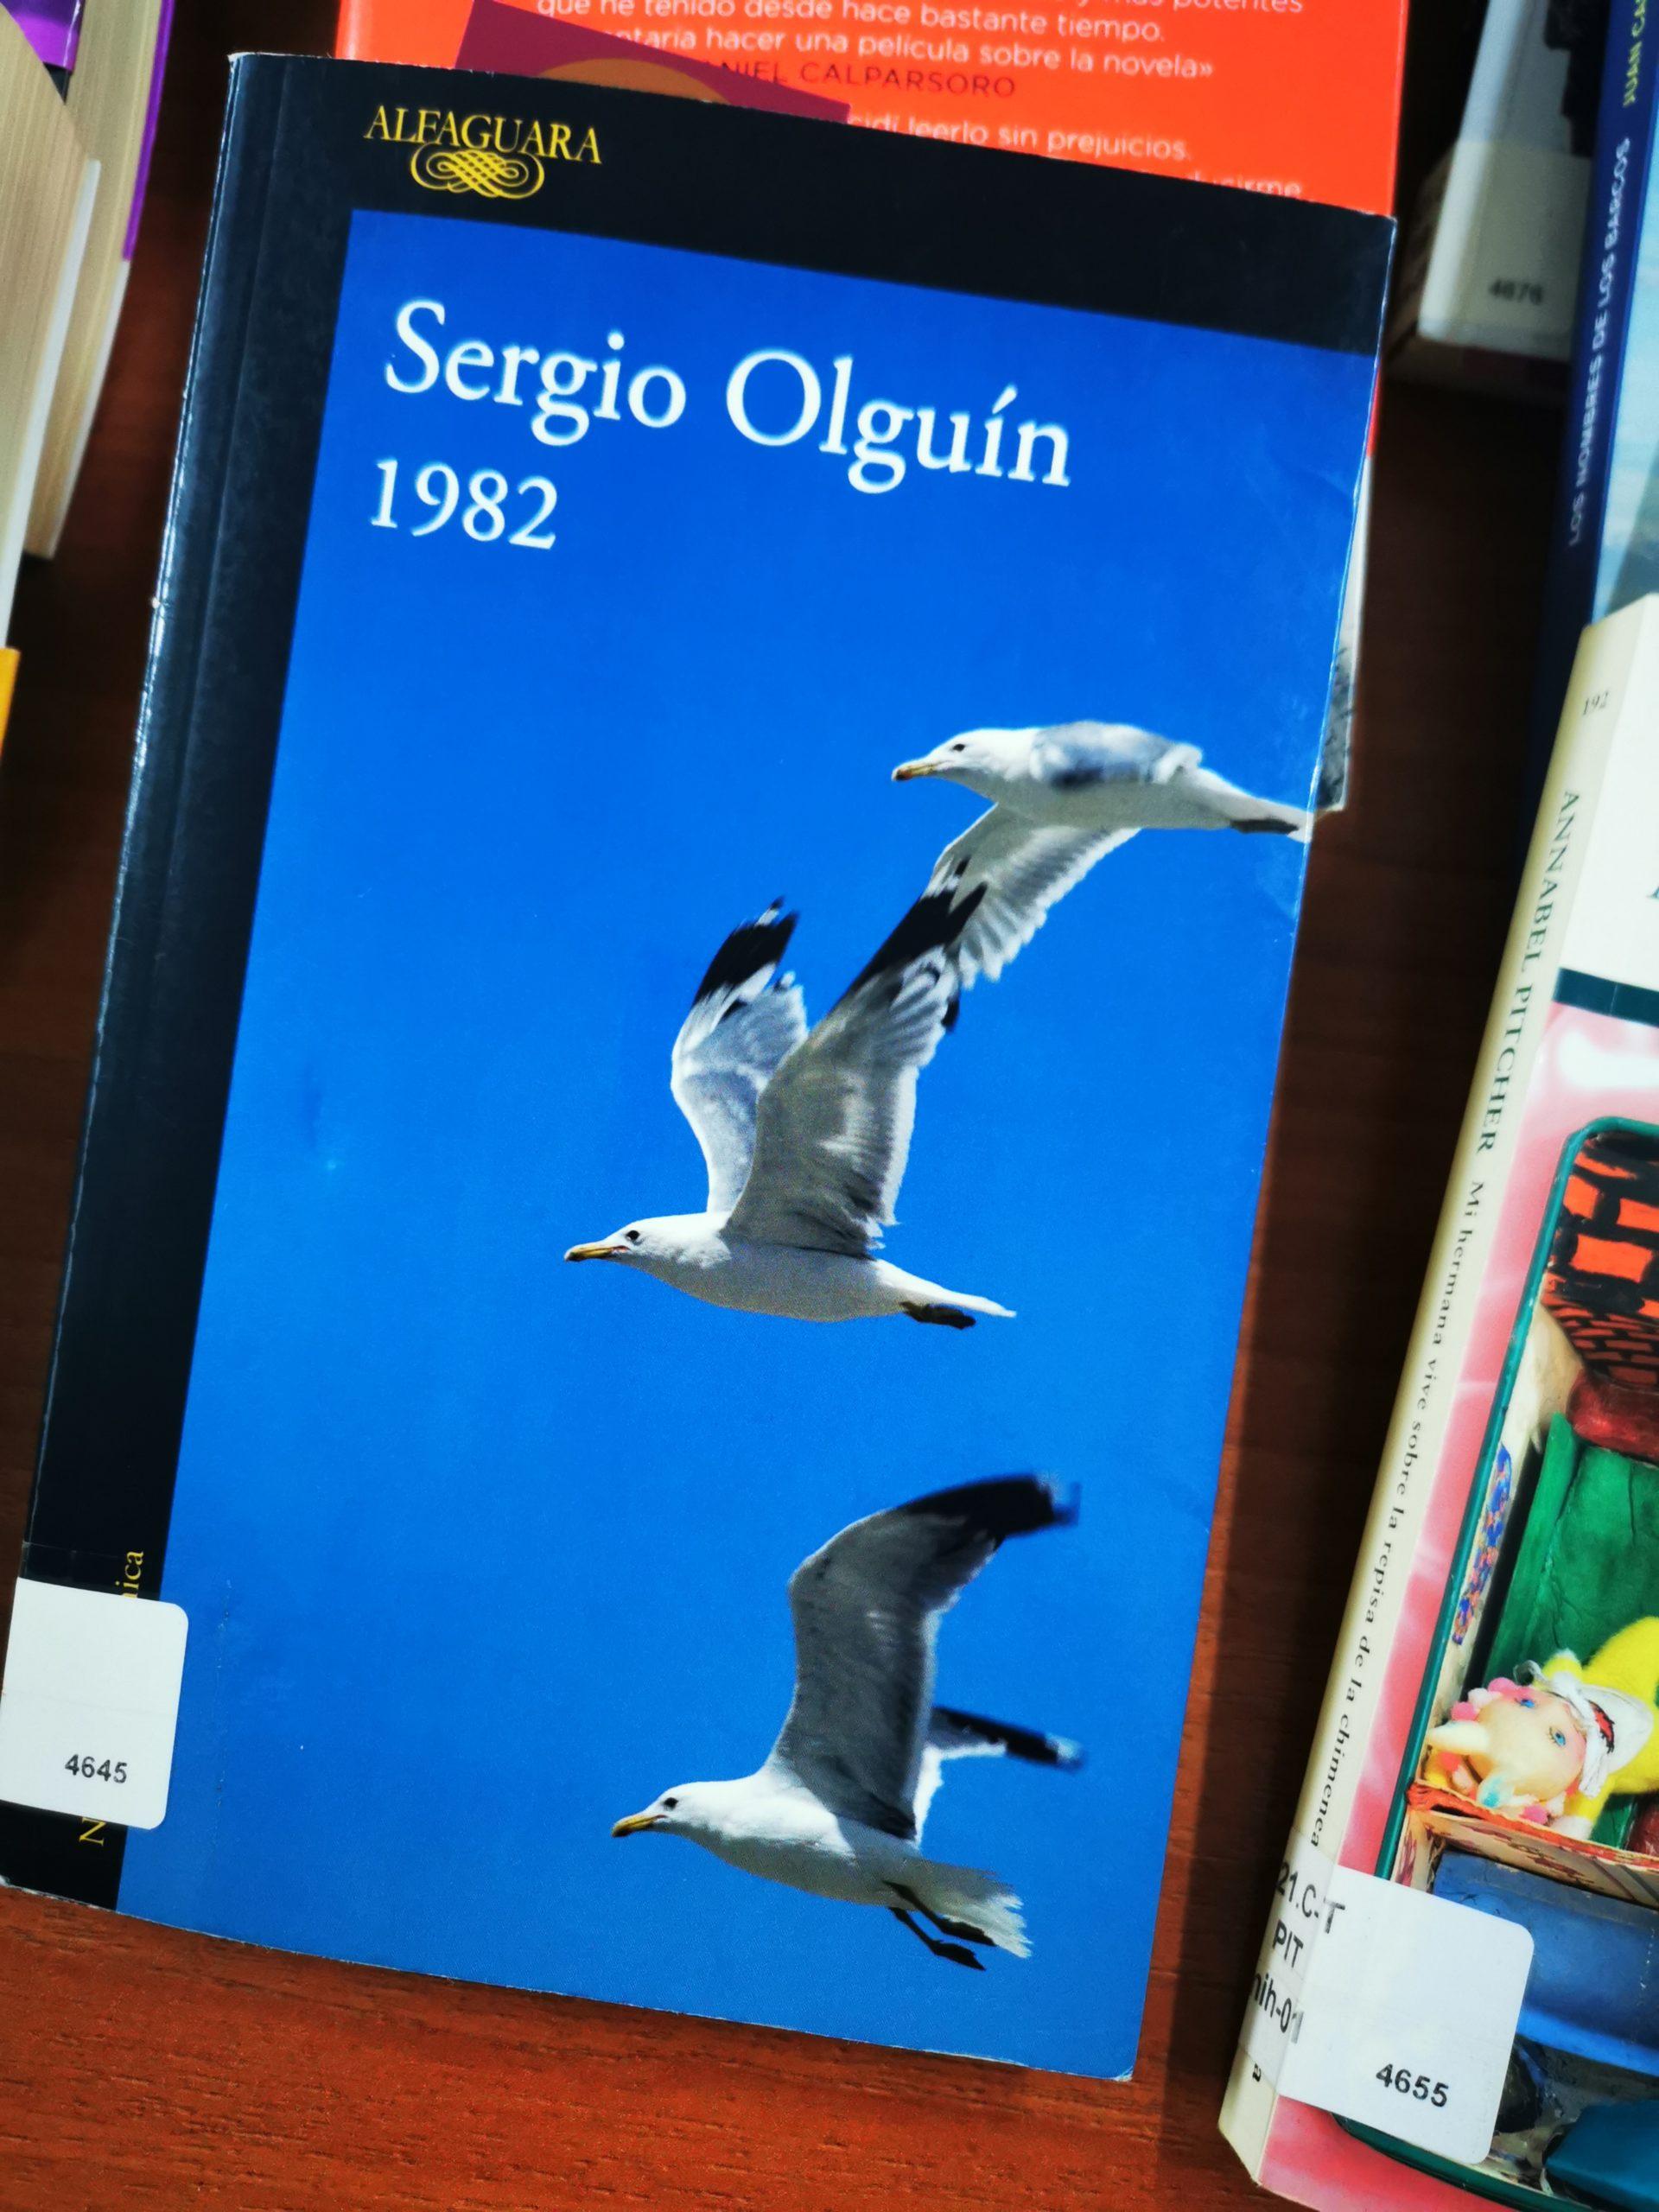 1982 - Sergio Olguín